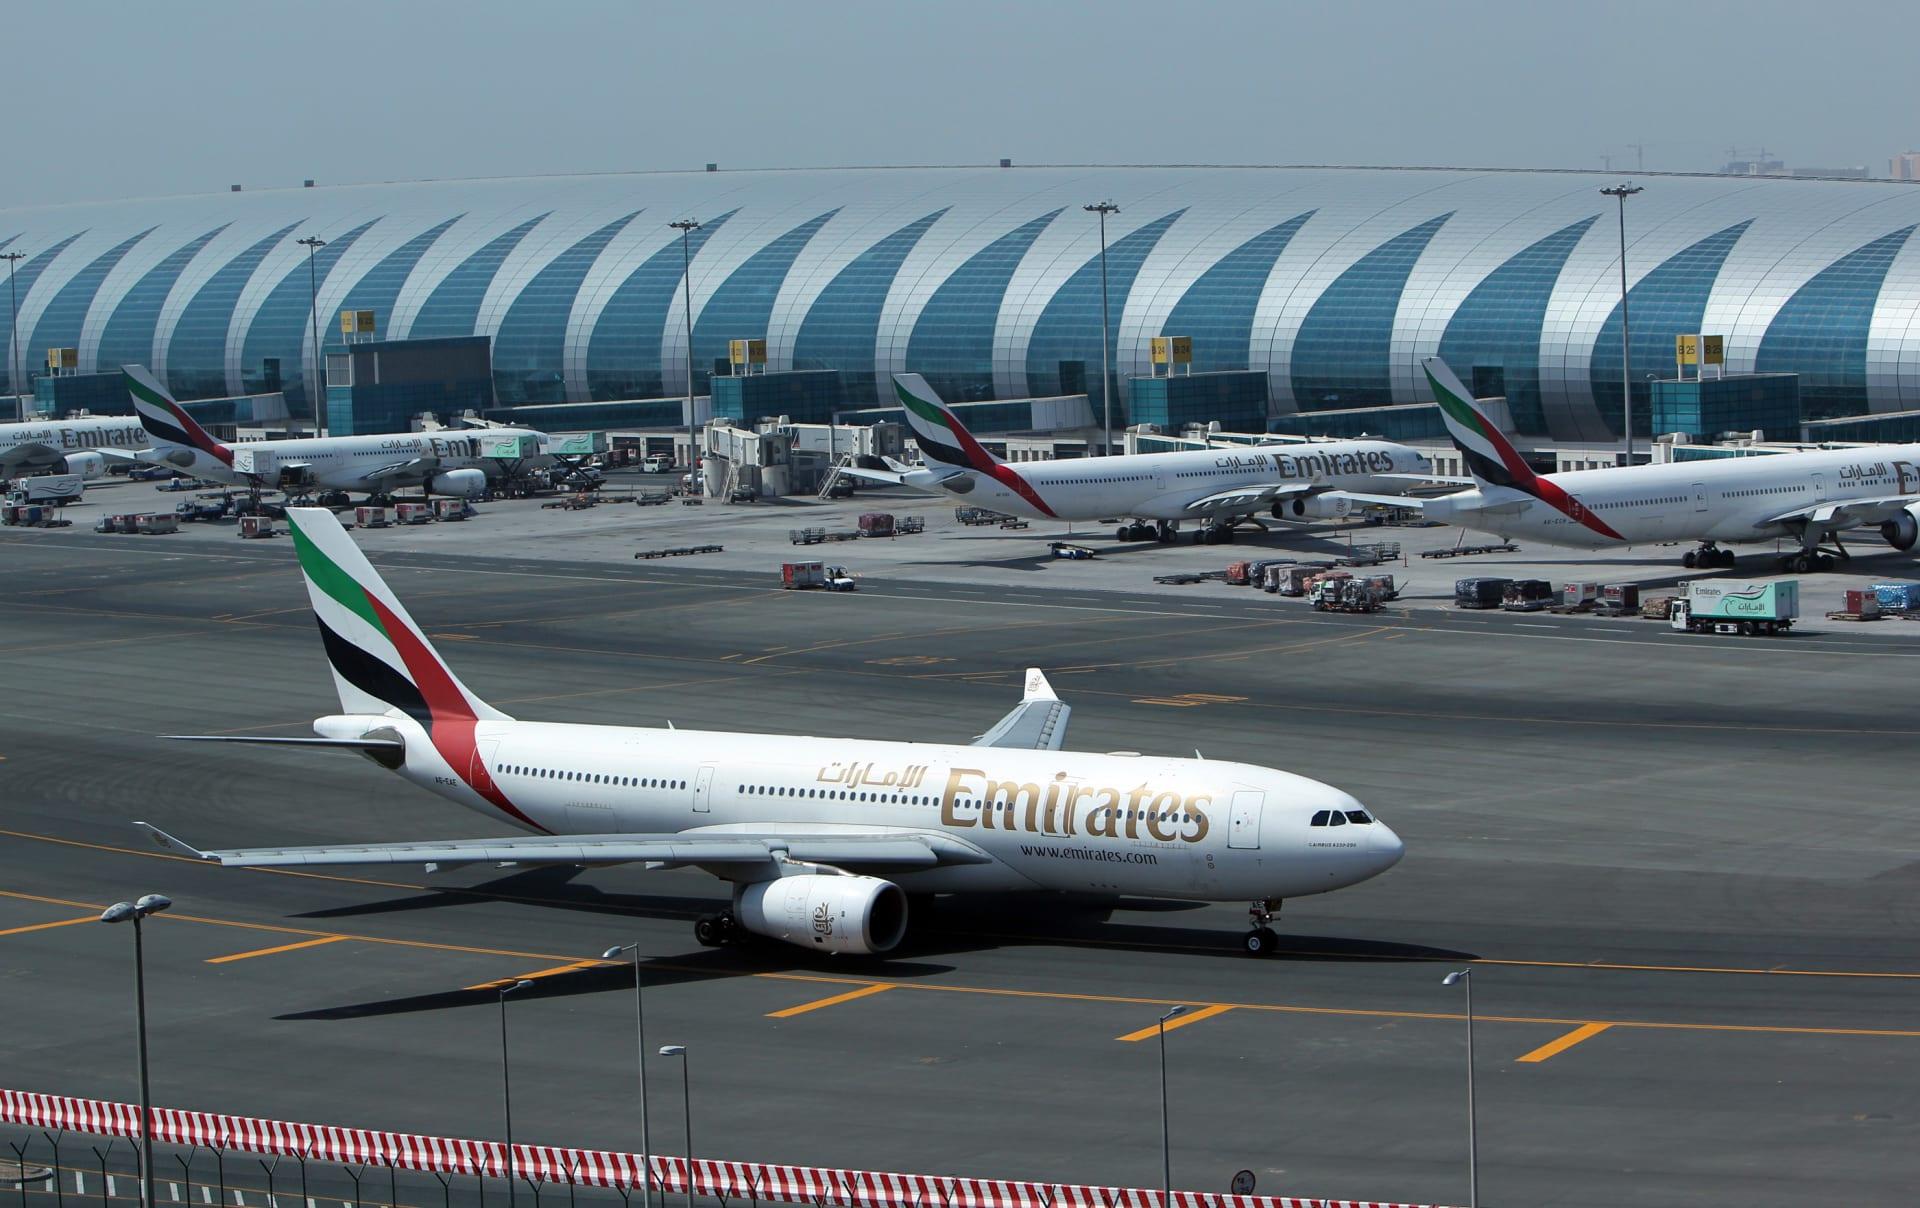 طيران الإمارات تٌسير رحلات إضافية لإعادة المواطنين والمقيمين من السعودية.. وتعميم جديد بشأن القرار